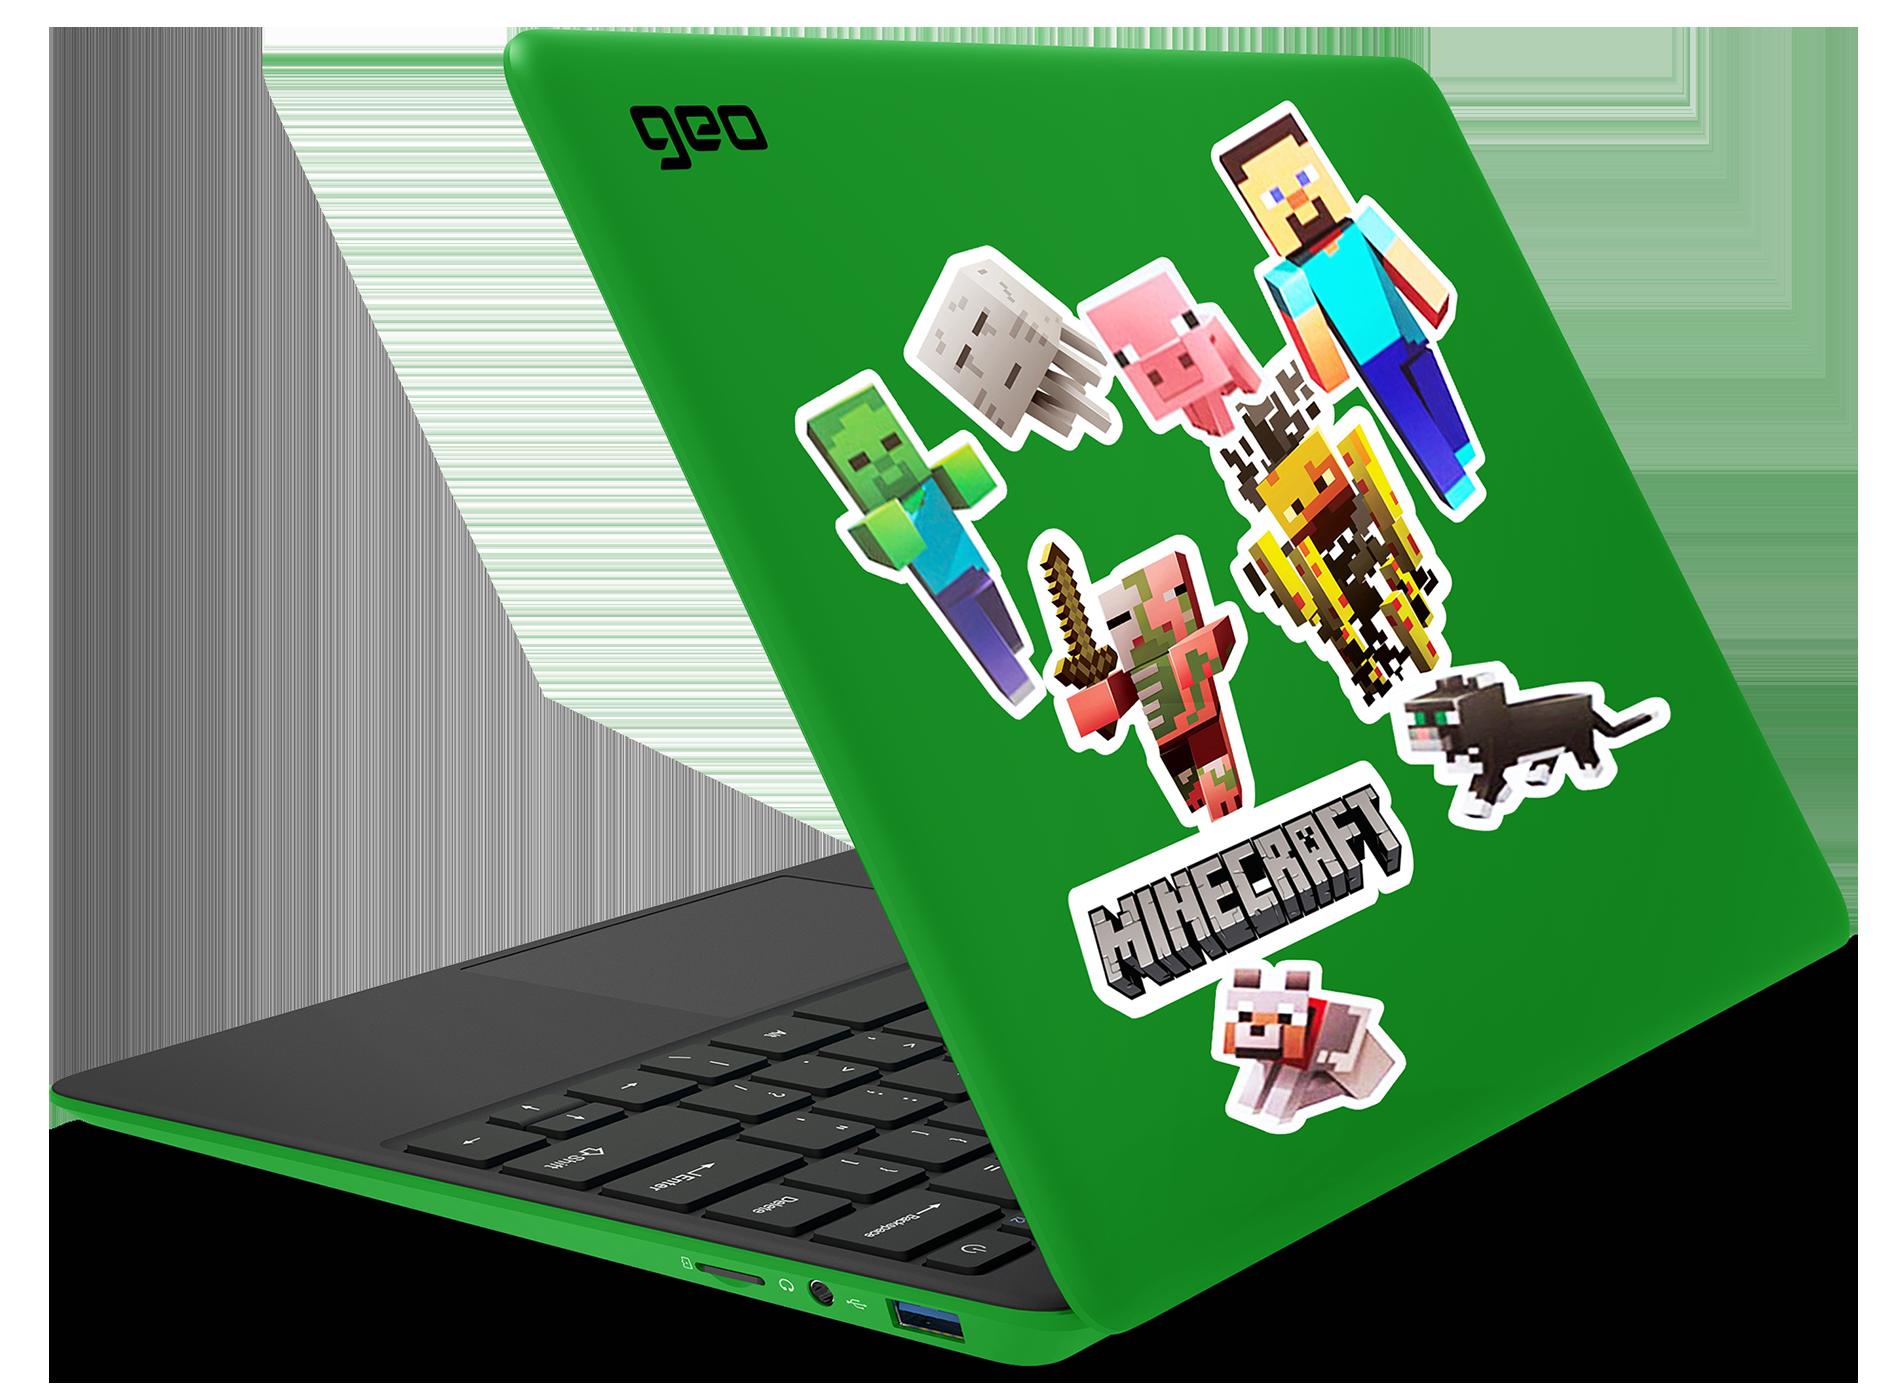 GeoBook 120 Minecraft Edition Green 12.5-inch Laptop